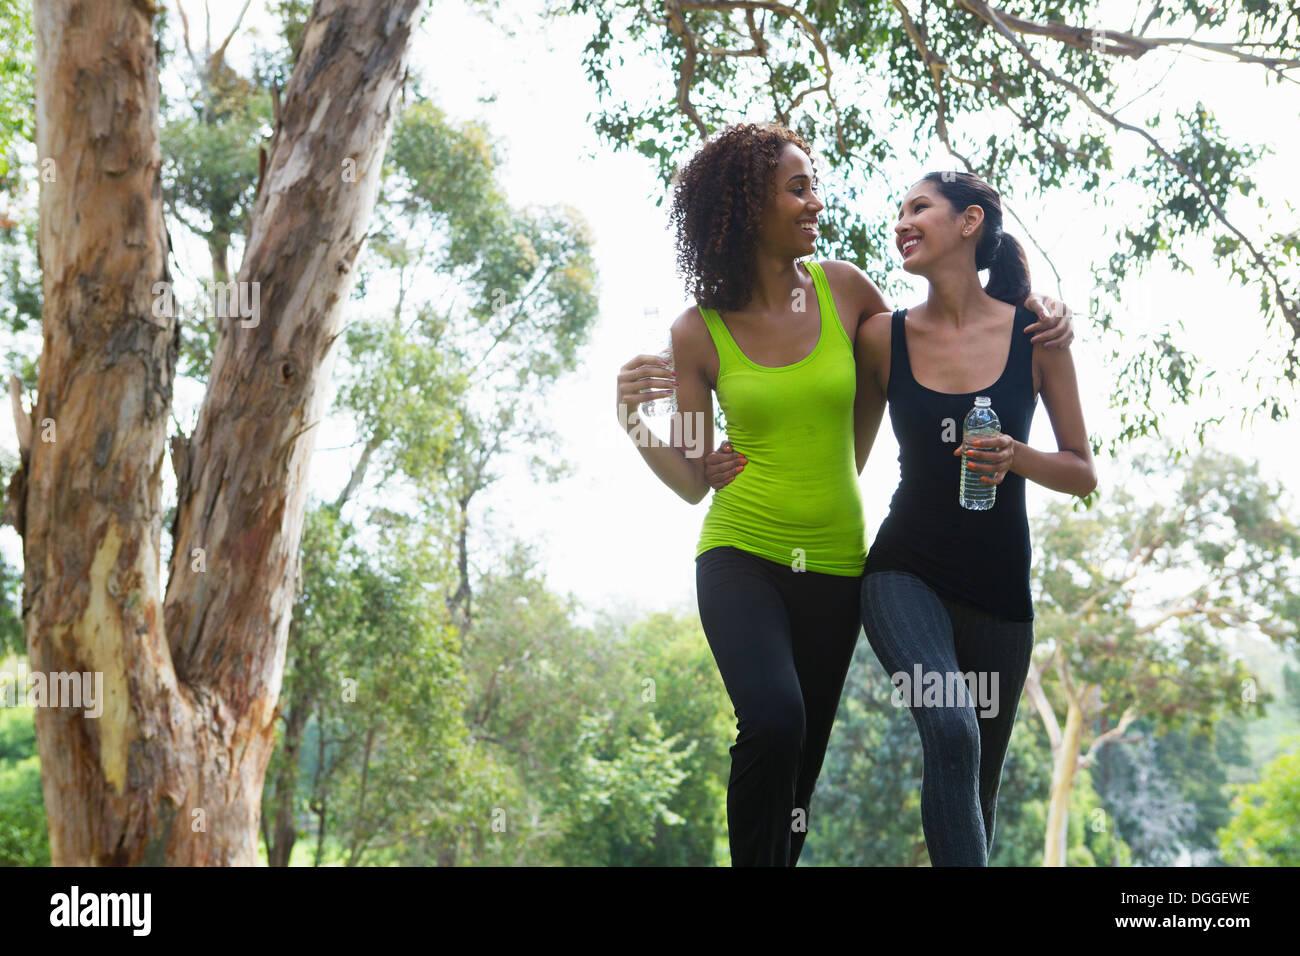 Jugendliche und Erwachsene Frau zusammen im Park spazieren Stockbild